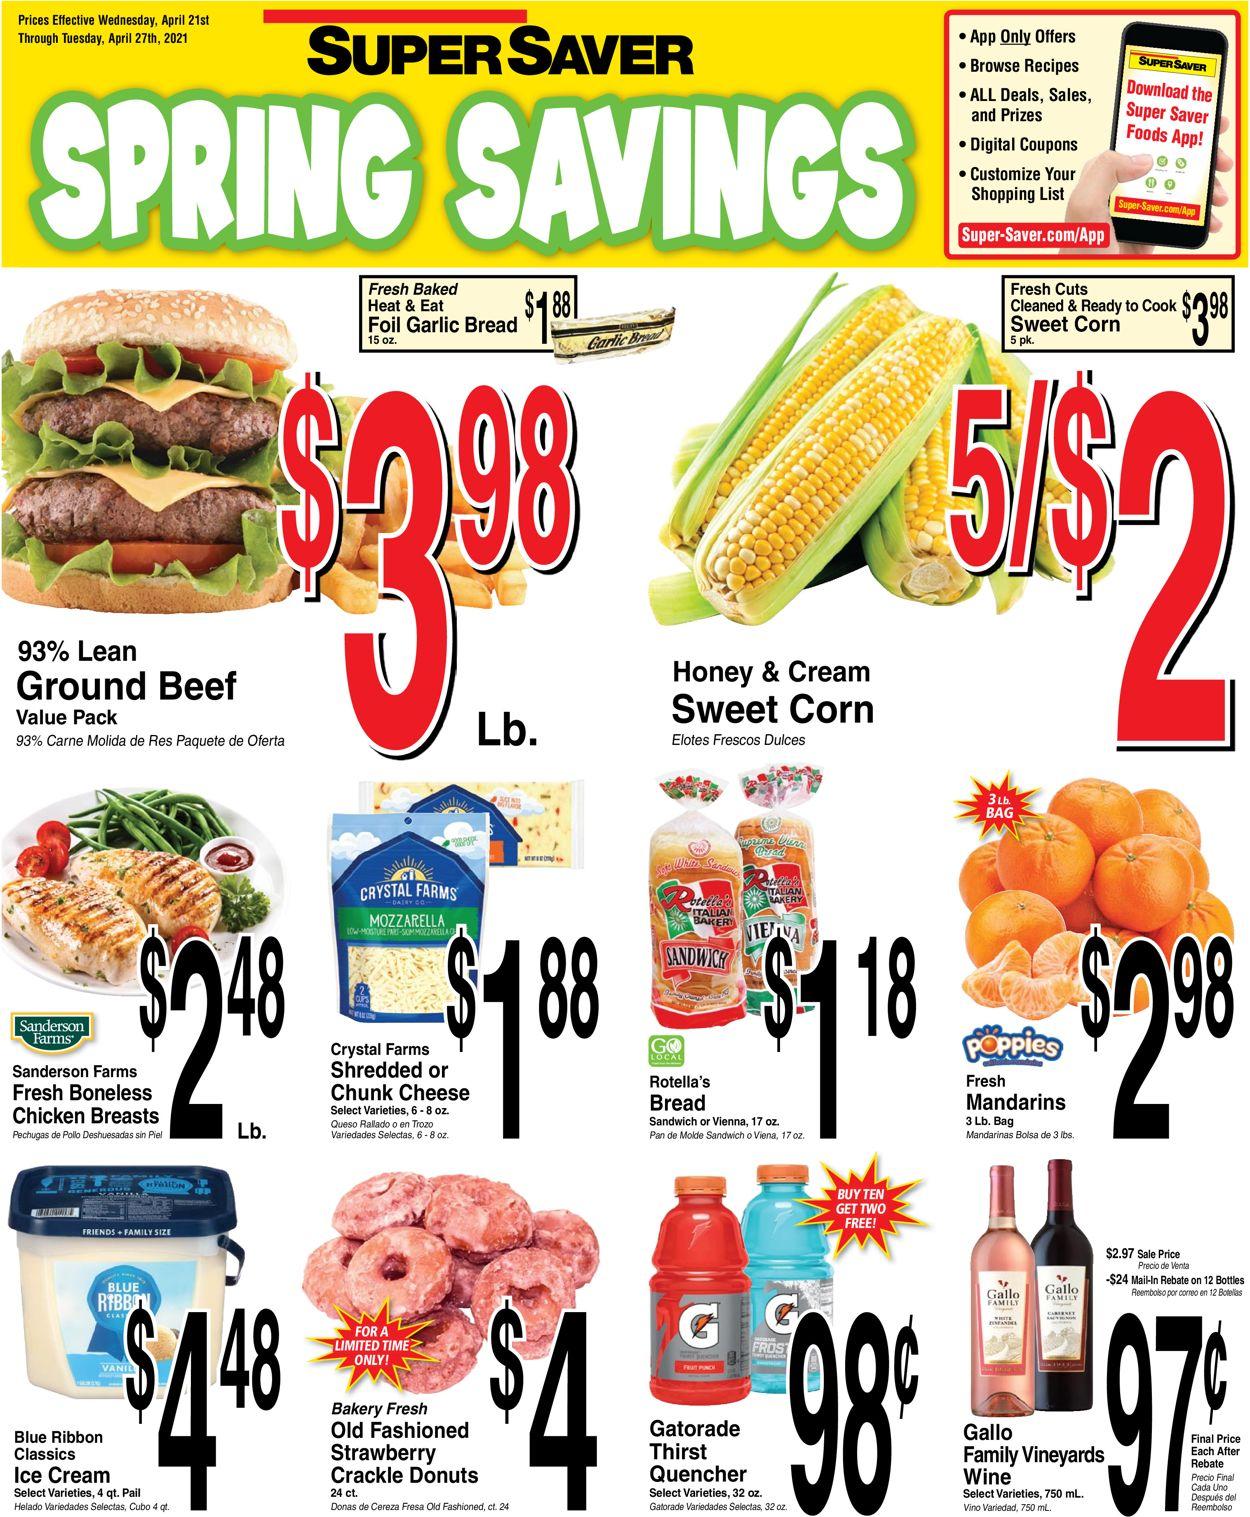 Super Saver Weekly Ad Circular - valid 04/21-04/27/2021